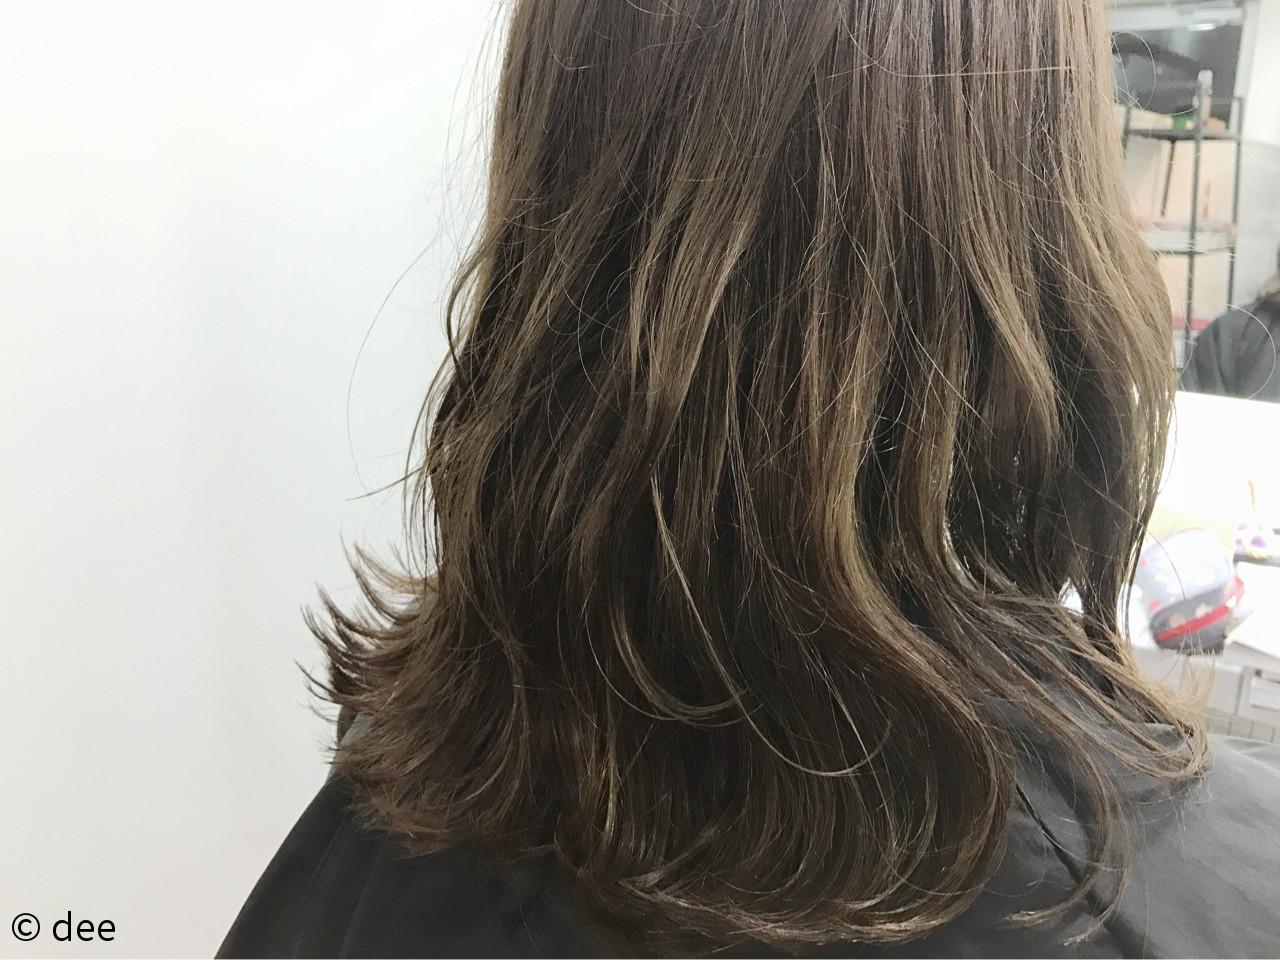 グレージュ ウェットヘア ナチュラル ミディアム ヘアスタイルや髪型の写真・画像 | dee / dee